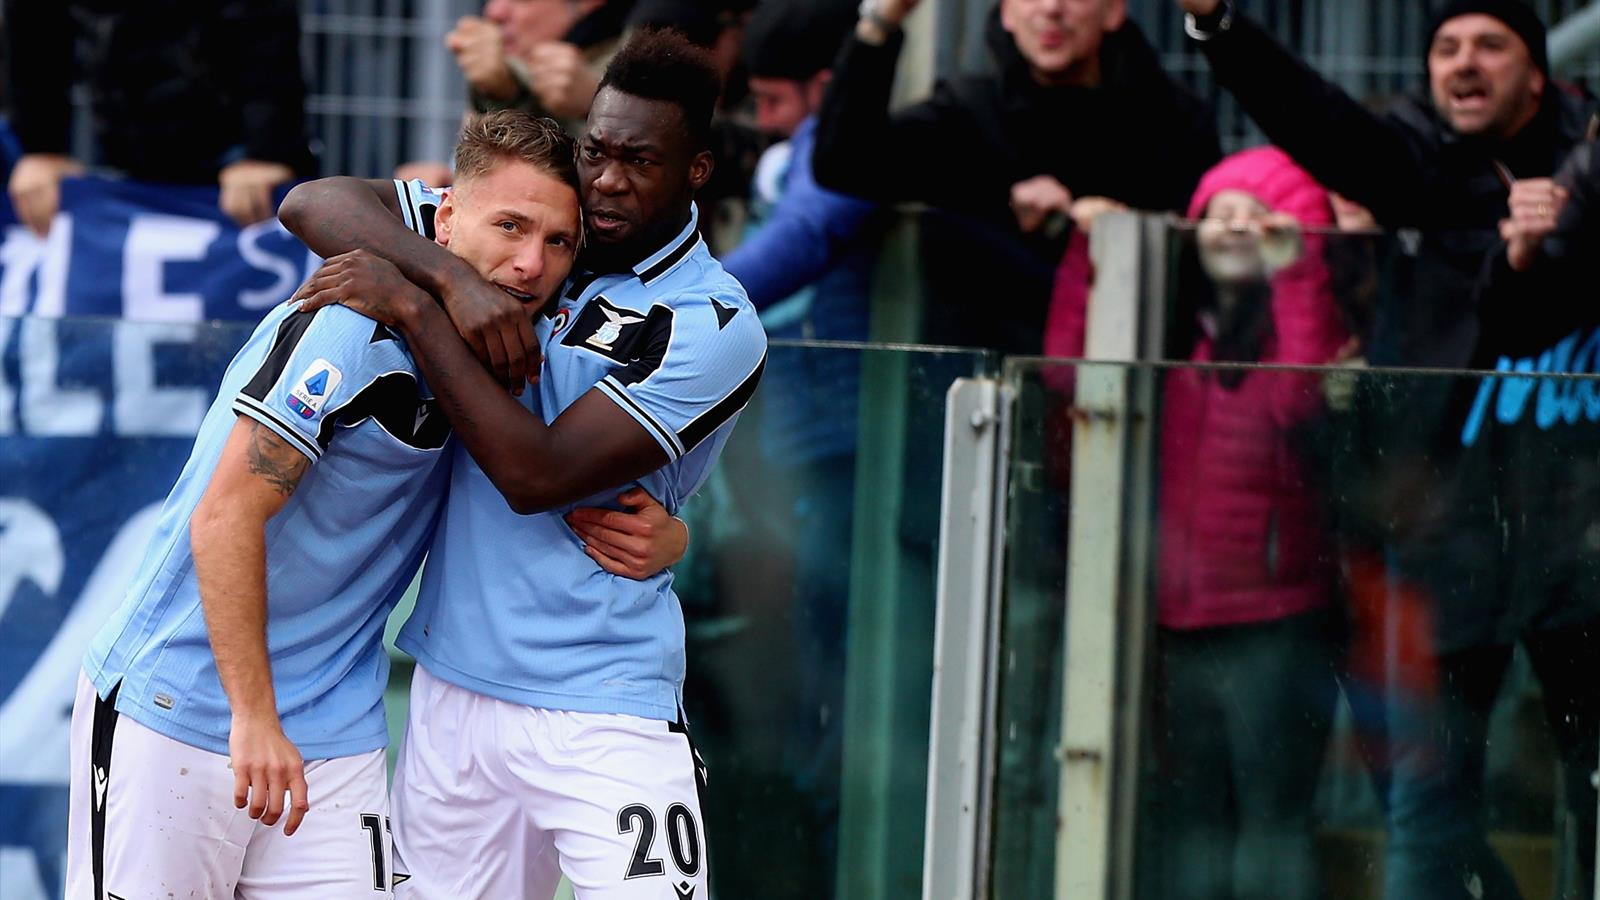 Afbeeldingsresultaat voor lazio sampdoria 5-1